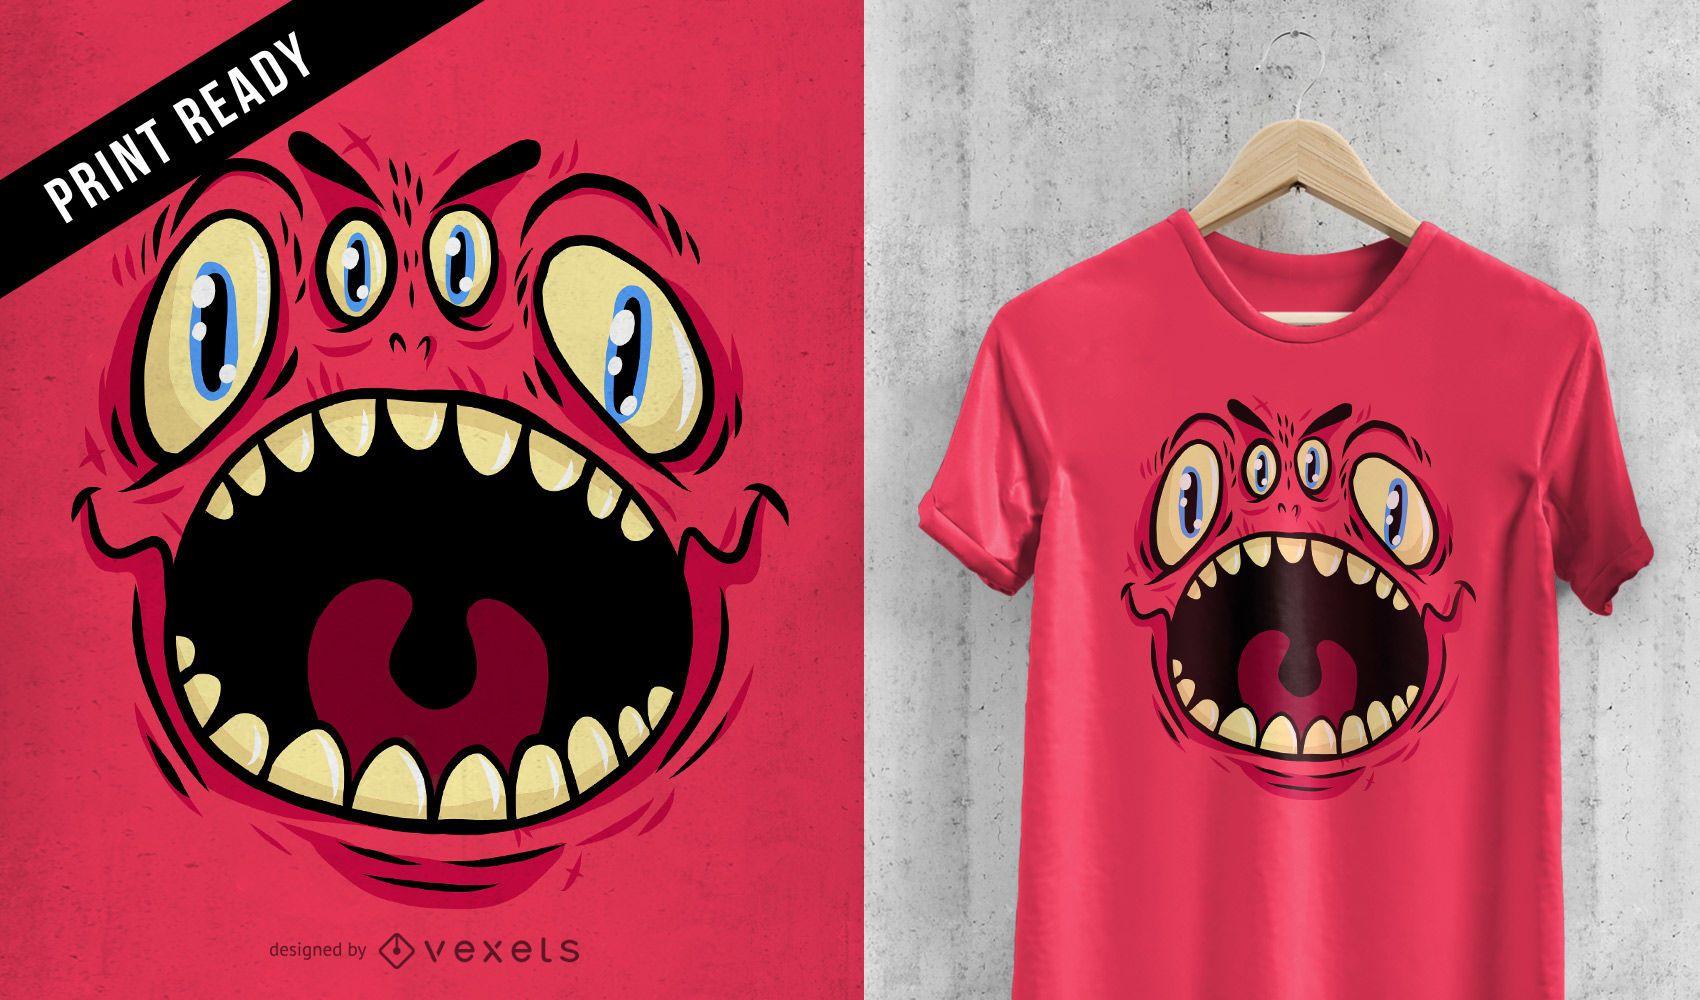 Four eyed monster t-shirt design